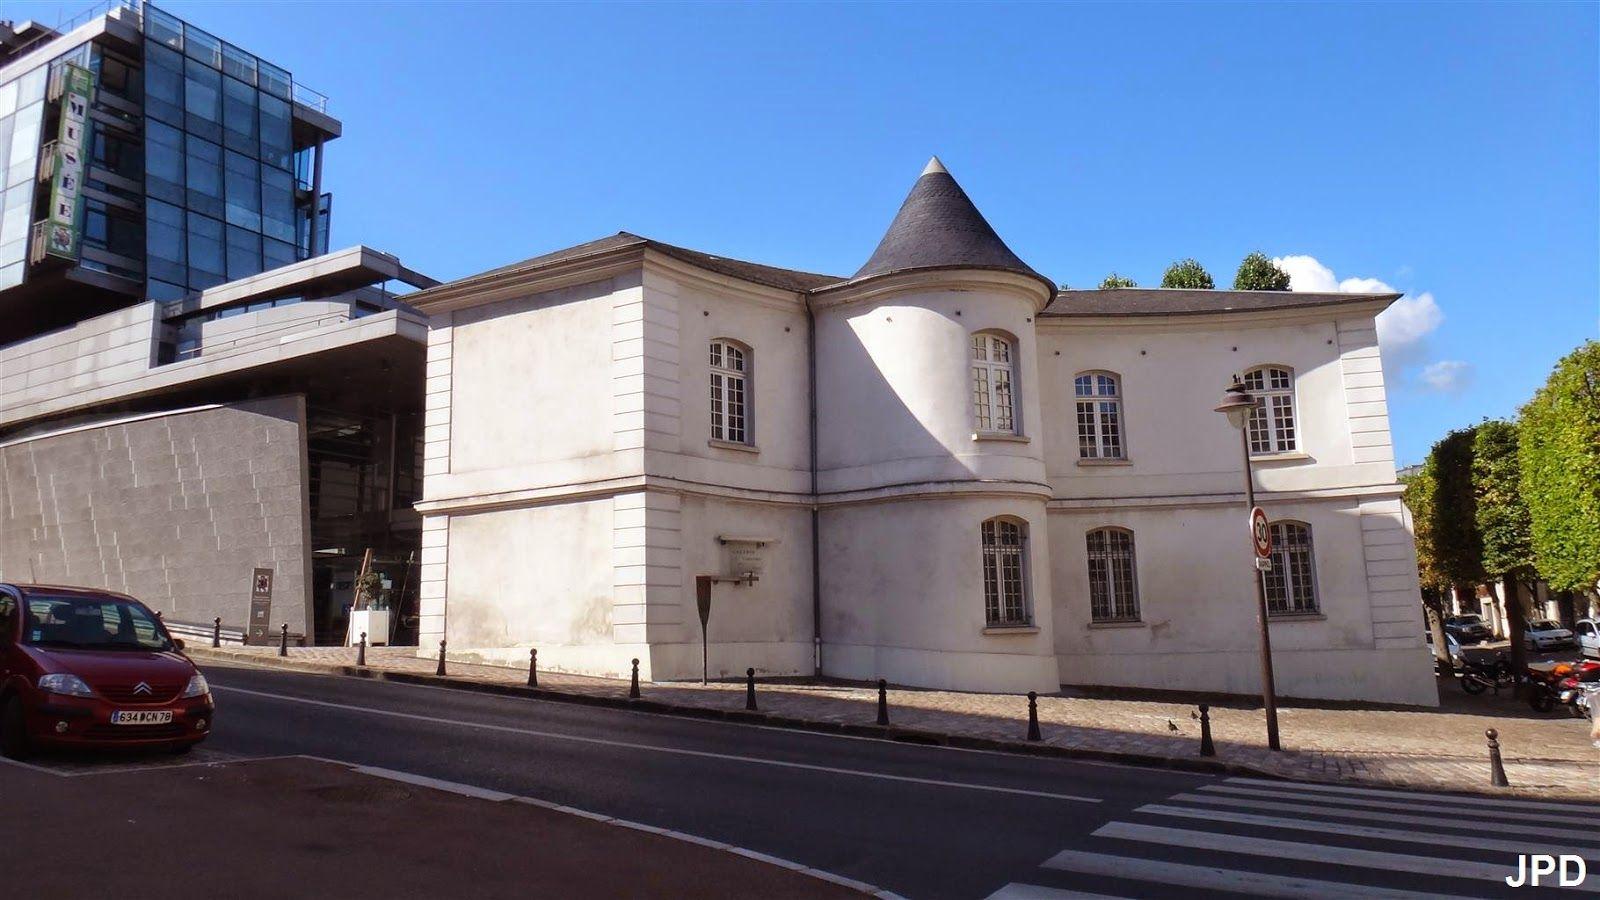 MUSEE DE LA CARTE A JOUER Issy les Moulineaux